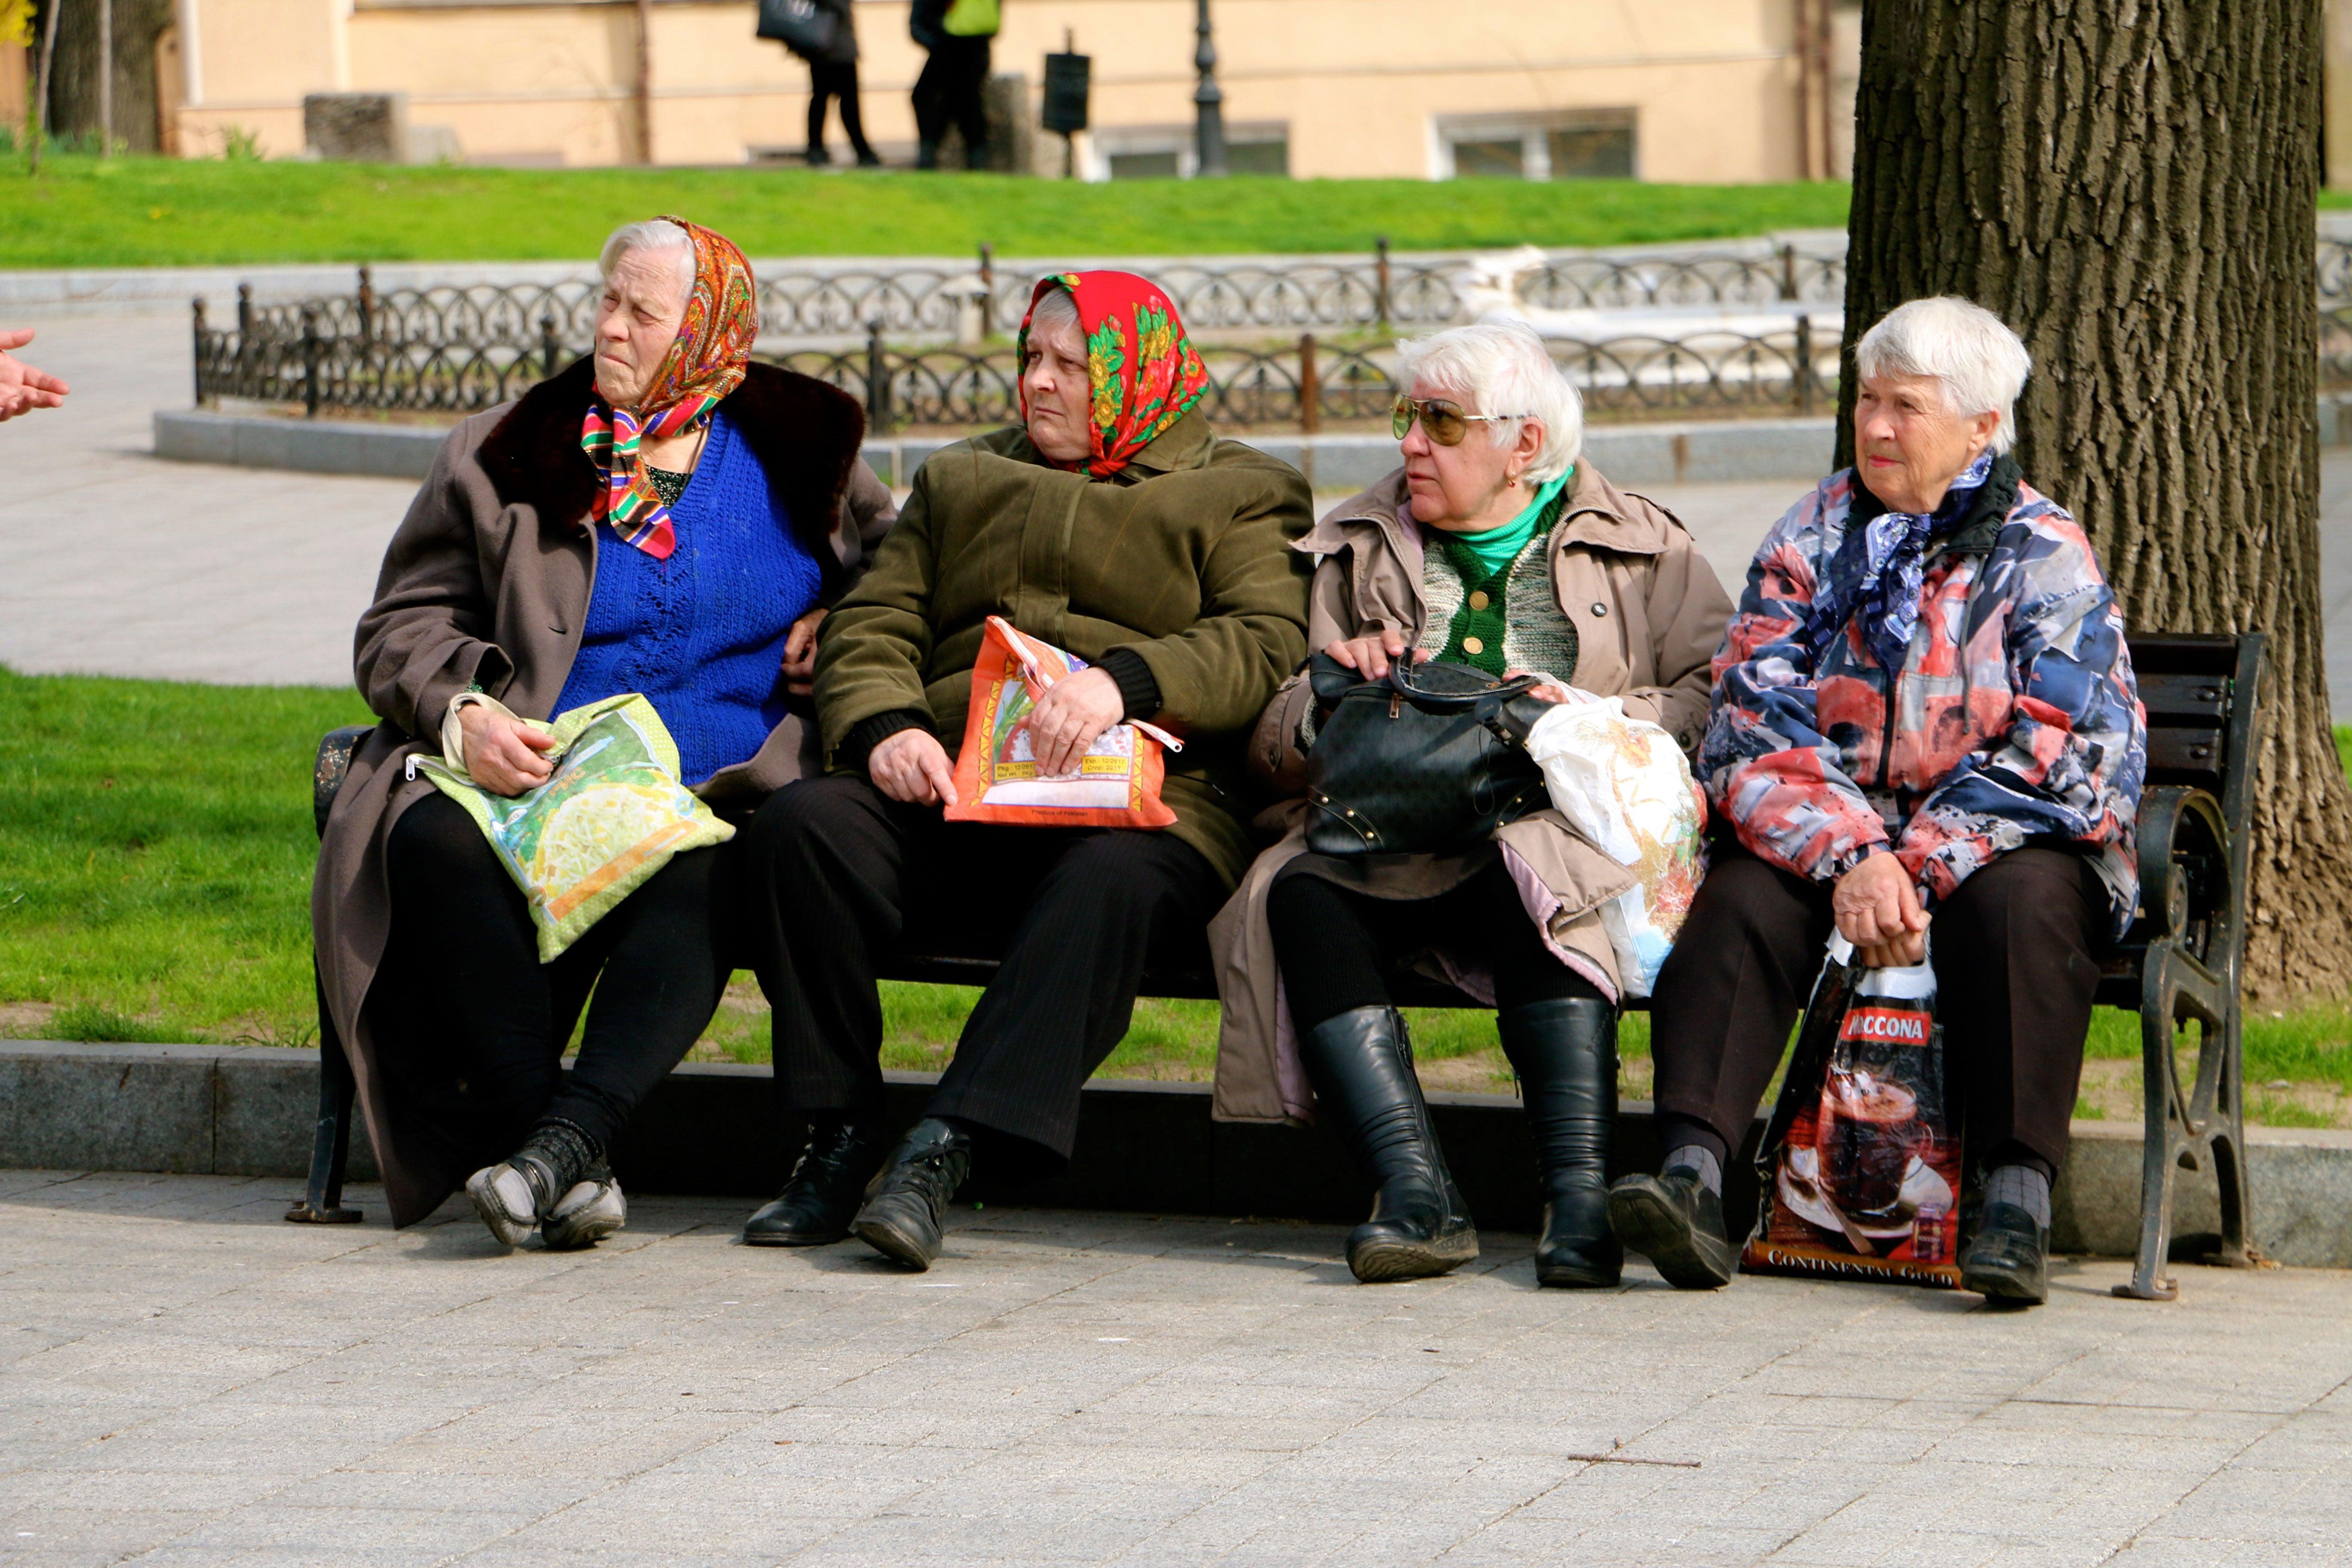 On average, women live 10 years longer than men in Ukraine.